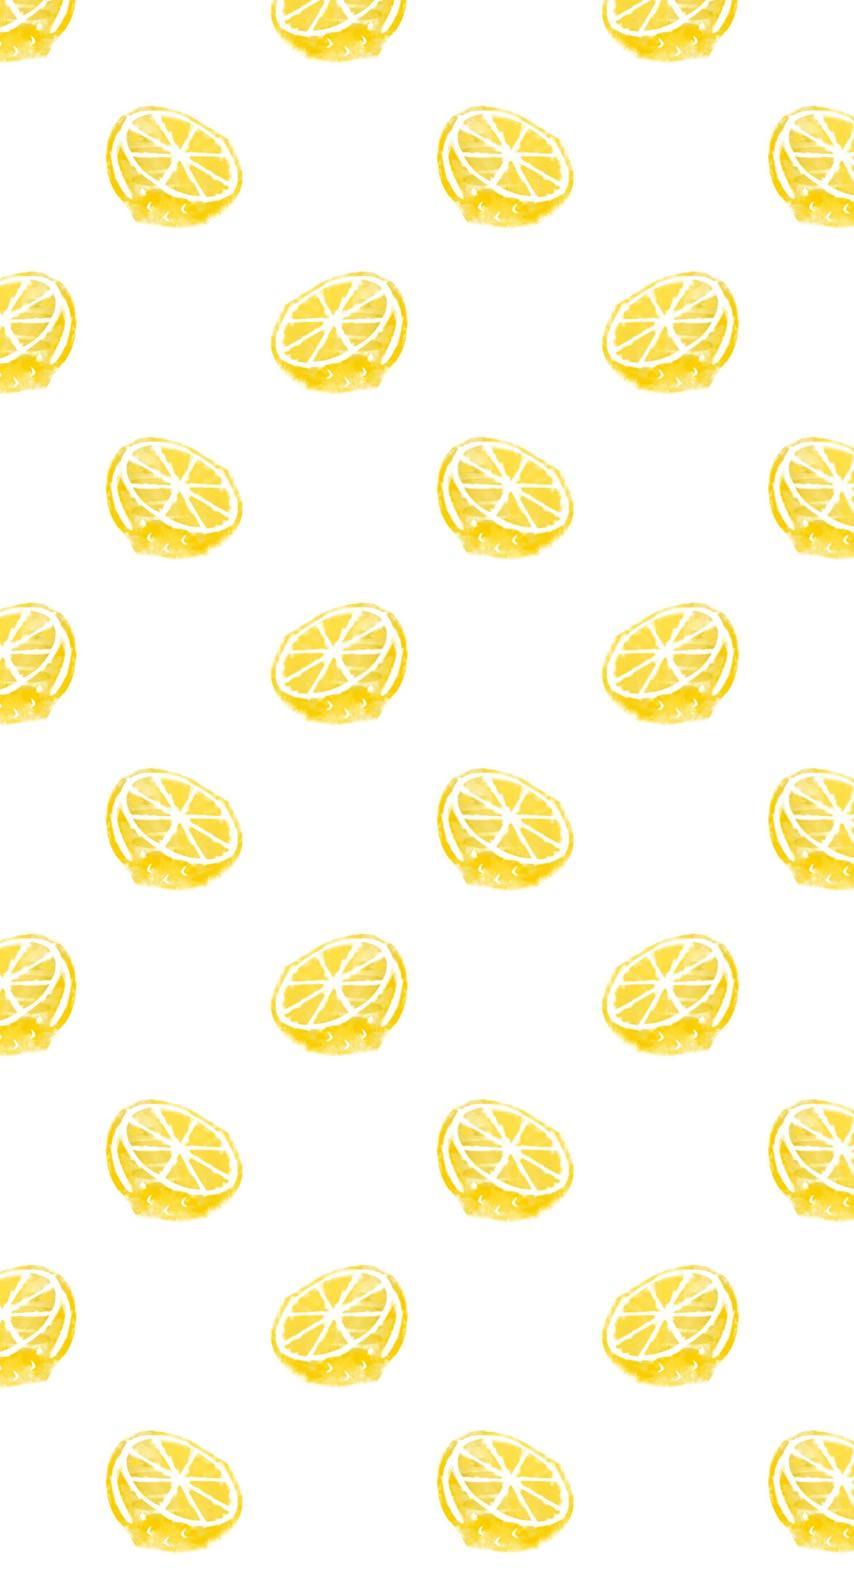 模様イラストフルーツレモン黄色女子向け Wallpaper Sc Iphone6s壁紙